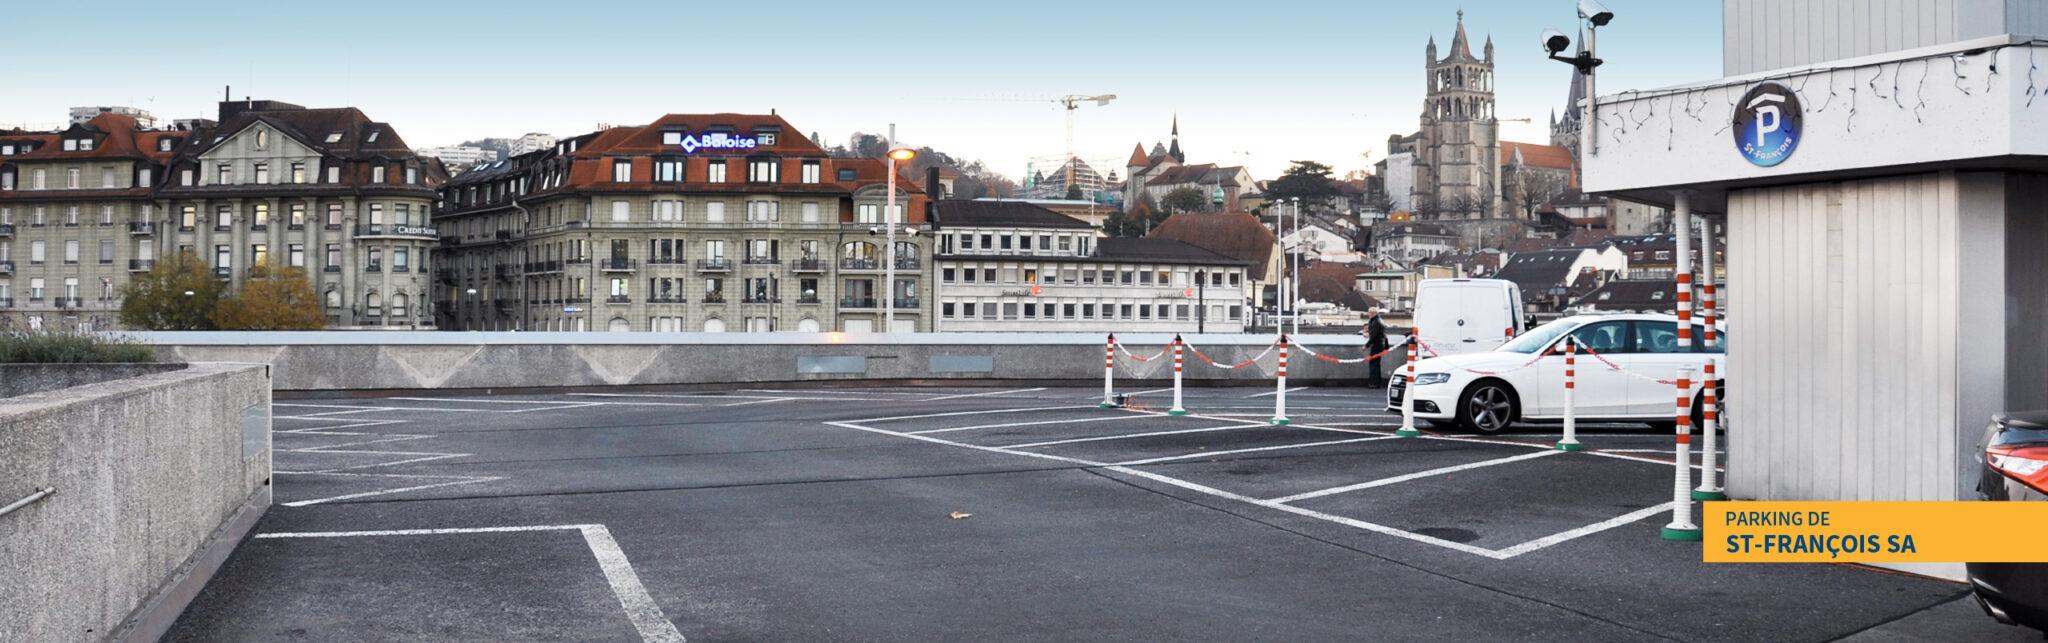 Parking Saint-François SA